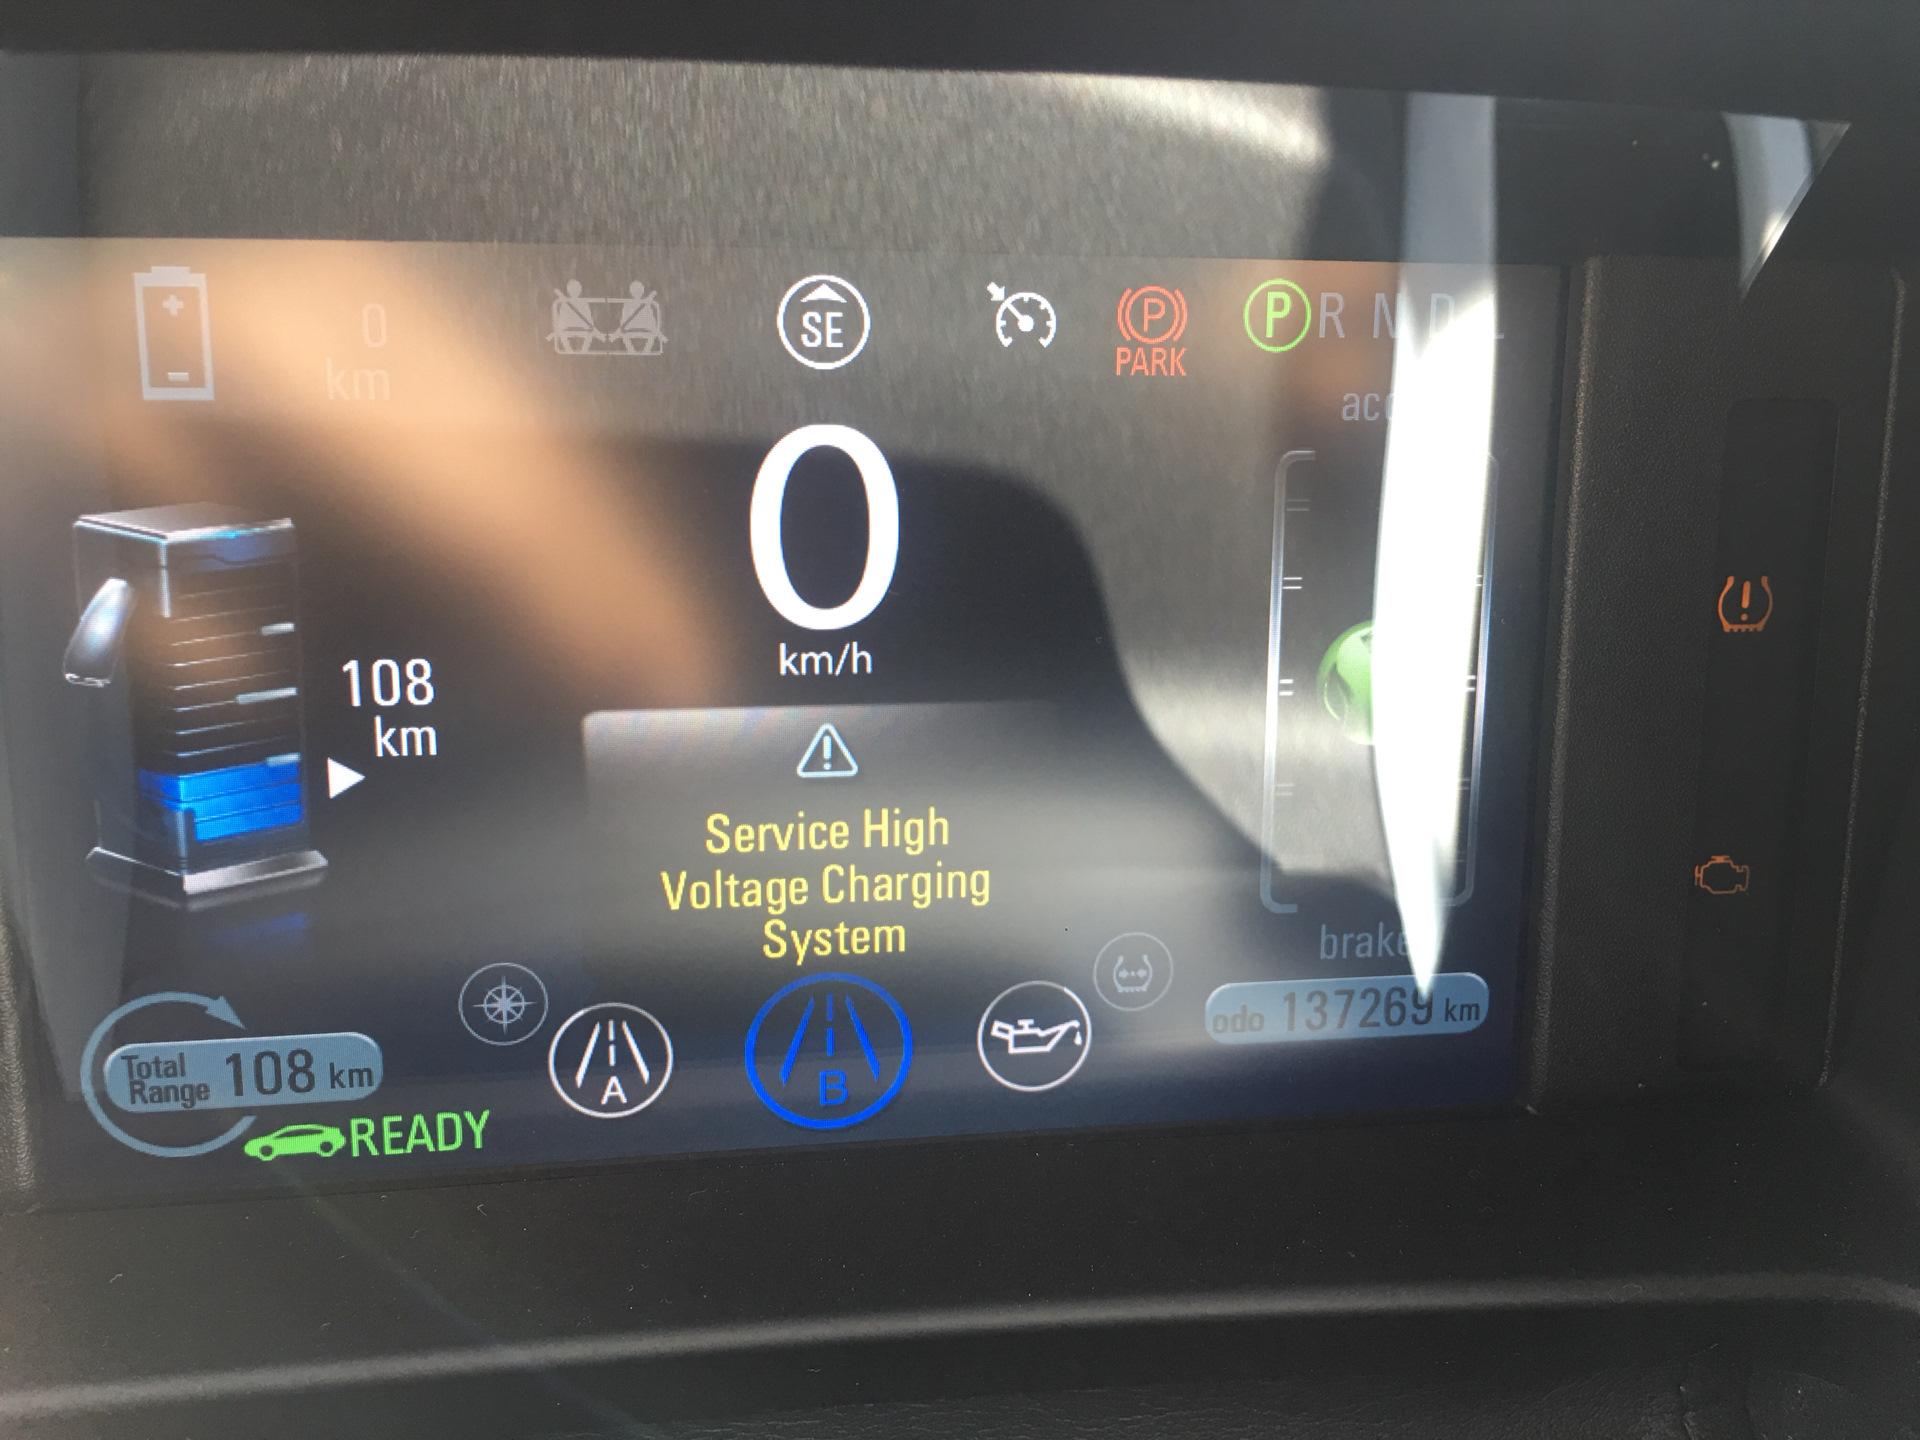 Полный размер Пробег 137000км Долго не заряжали Выбило ошибку Service High Voltage Charging System